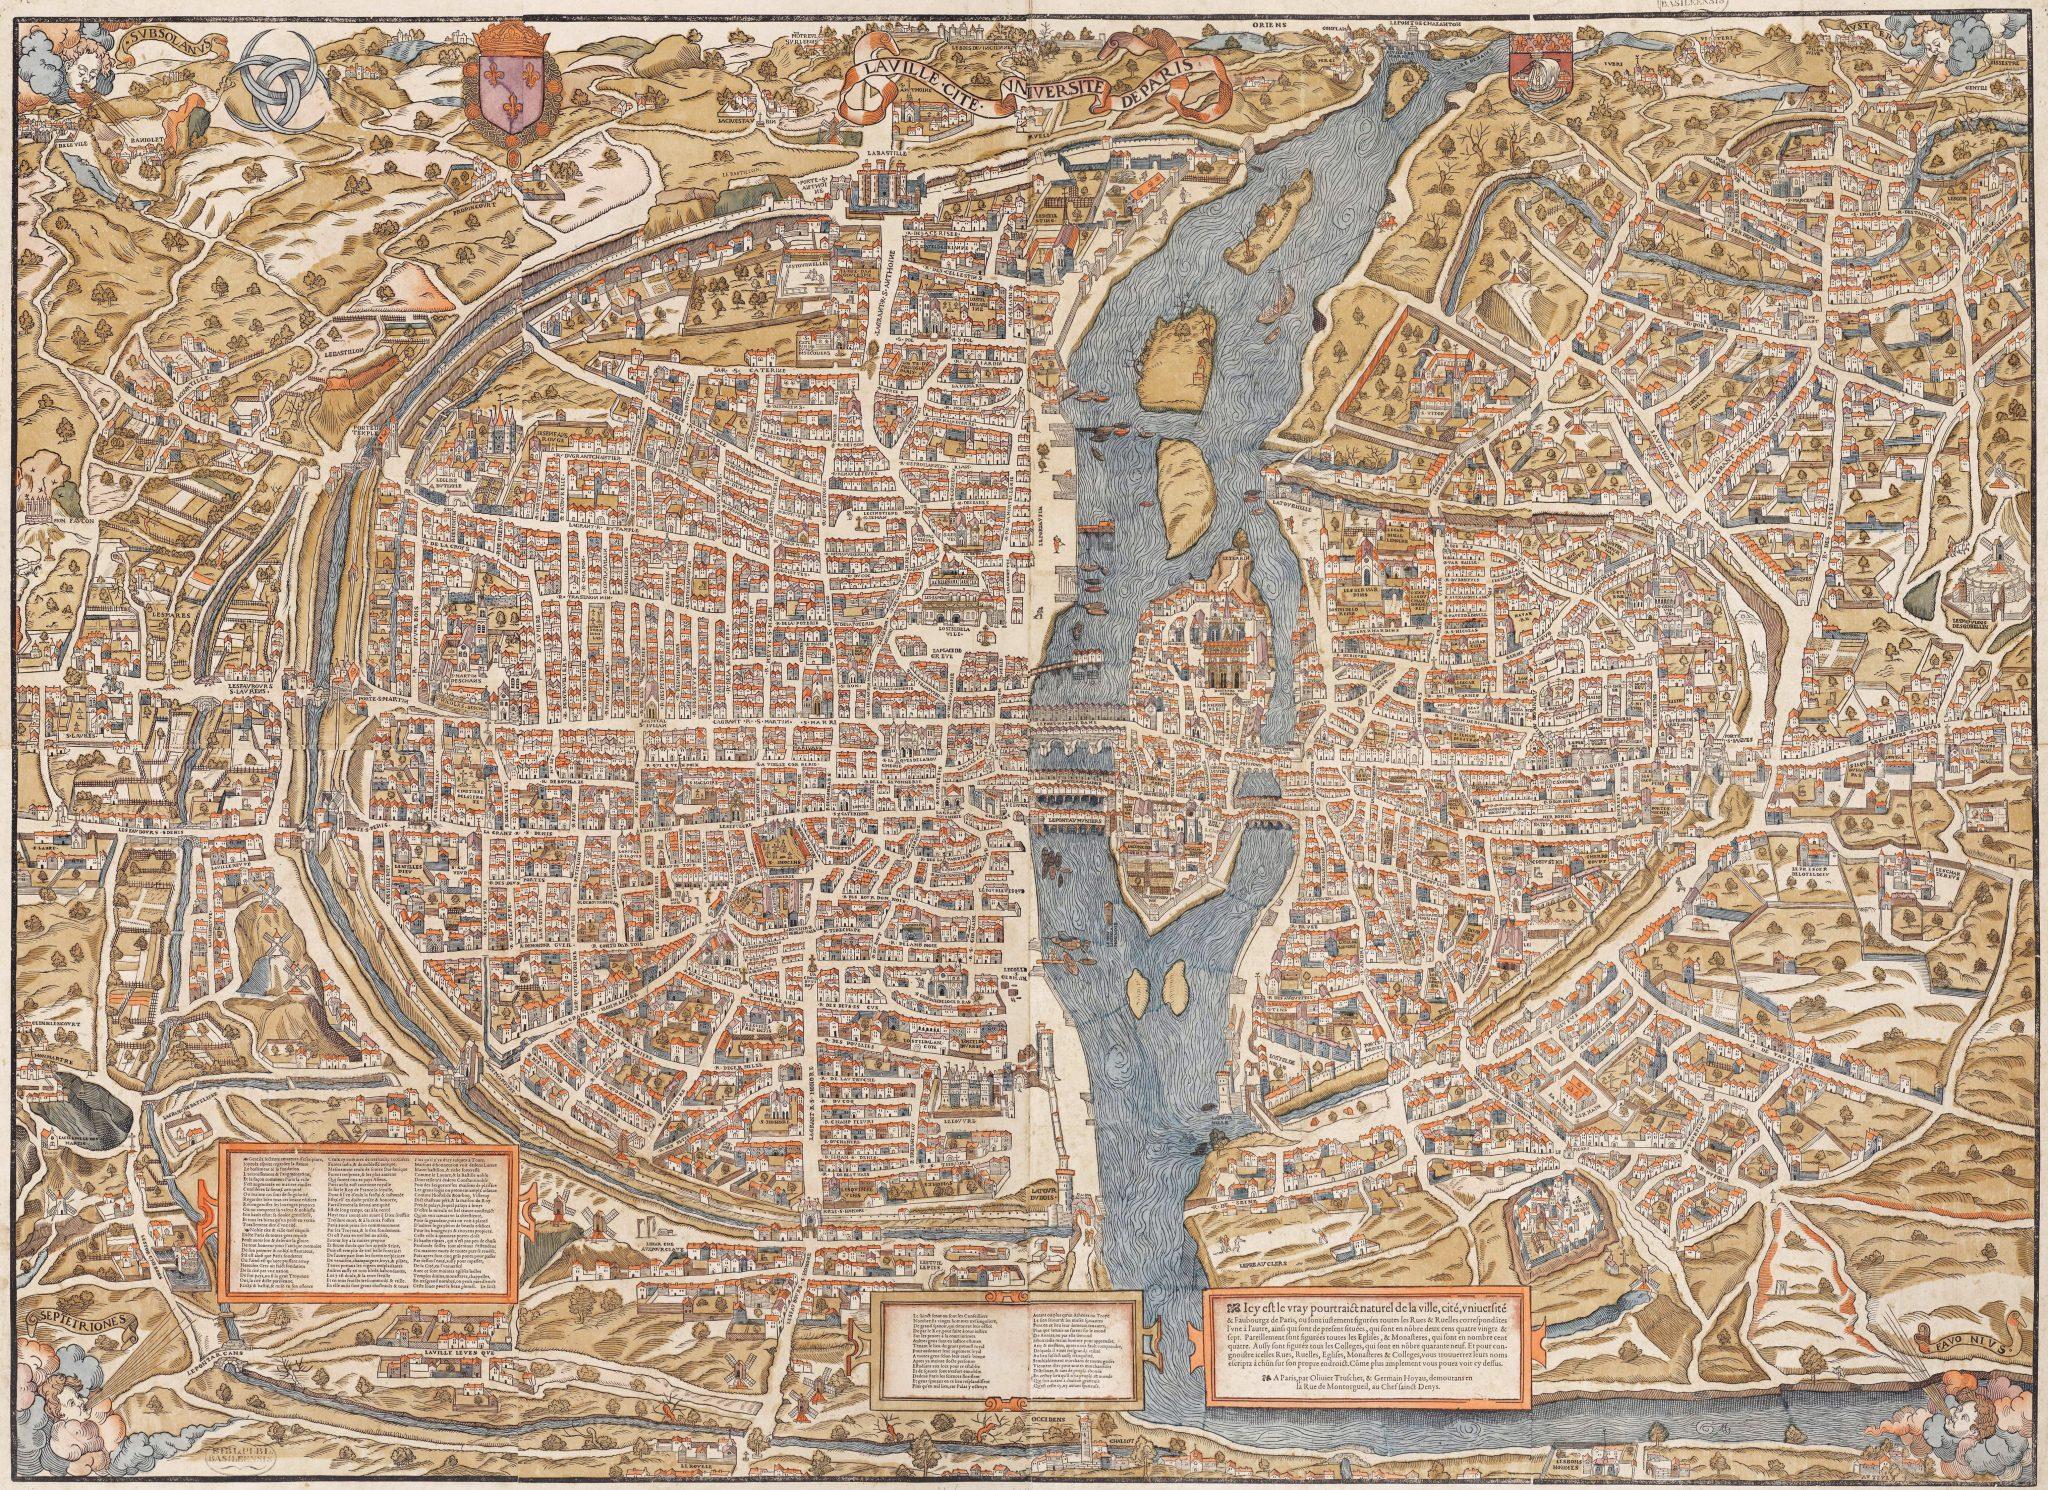 Paris Circa 1550